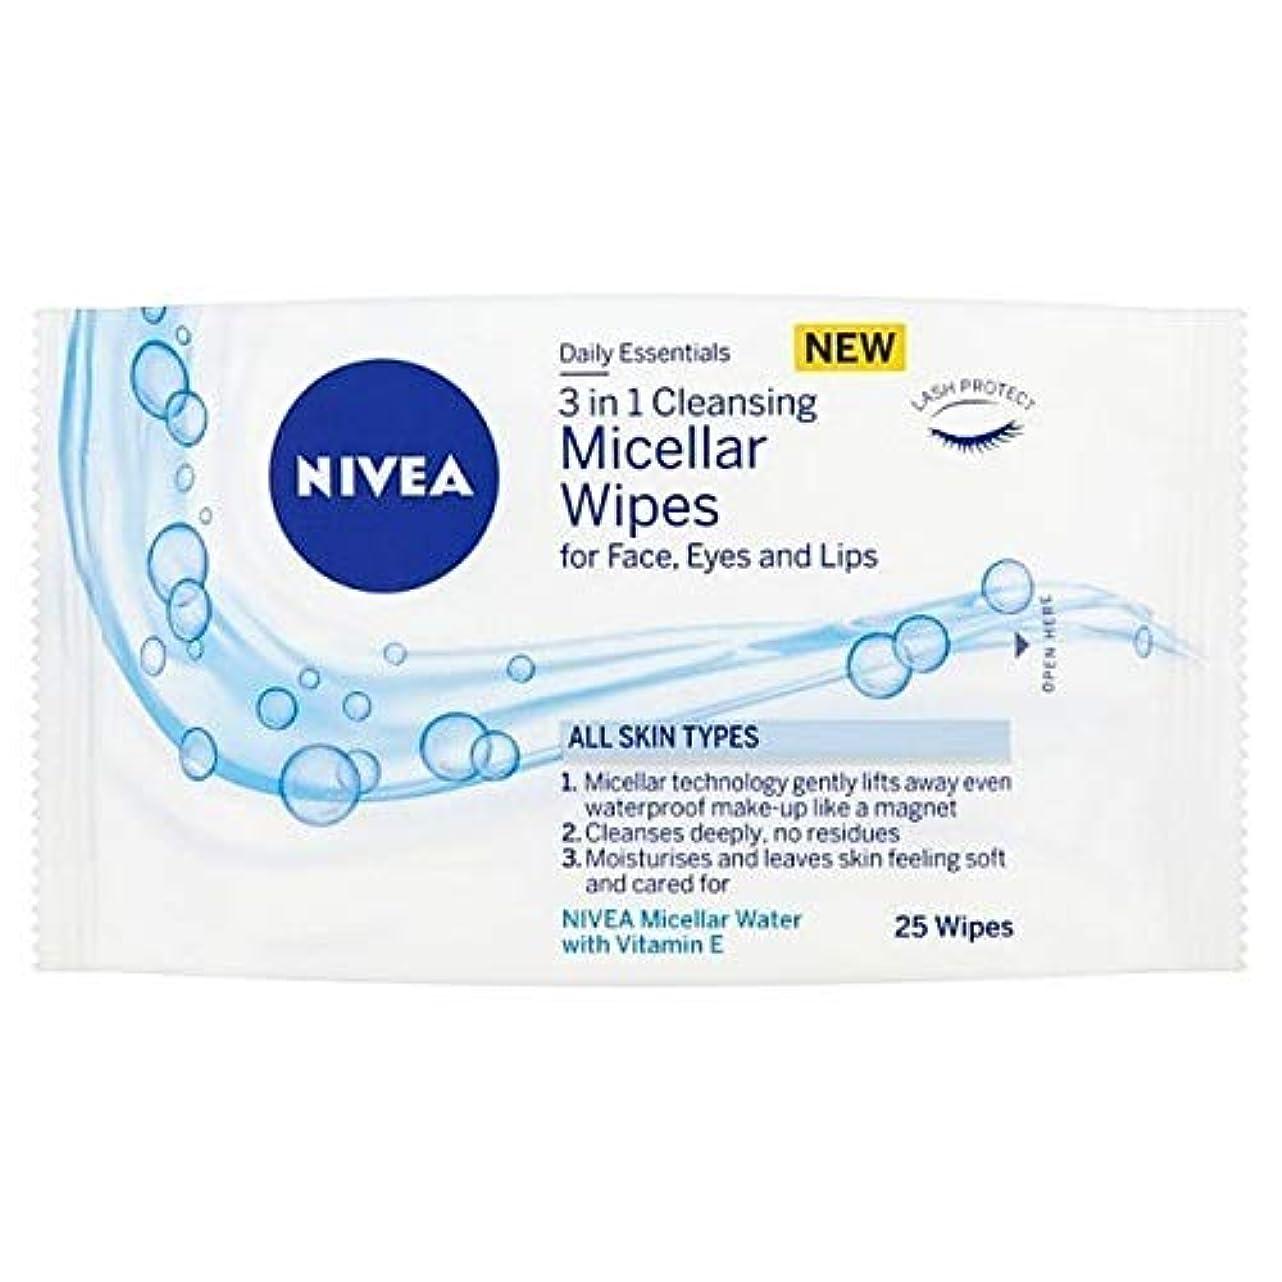 ストロー復活資産[Nivea ] ニベアミセルクレンジング顔は、25のワイプワイプ - NIVEA Micellar Cleansing Face Wipes, 25 wipes [並行輸入品]